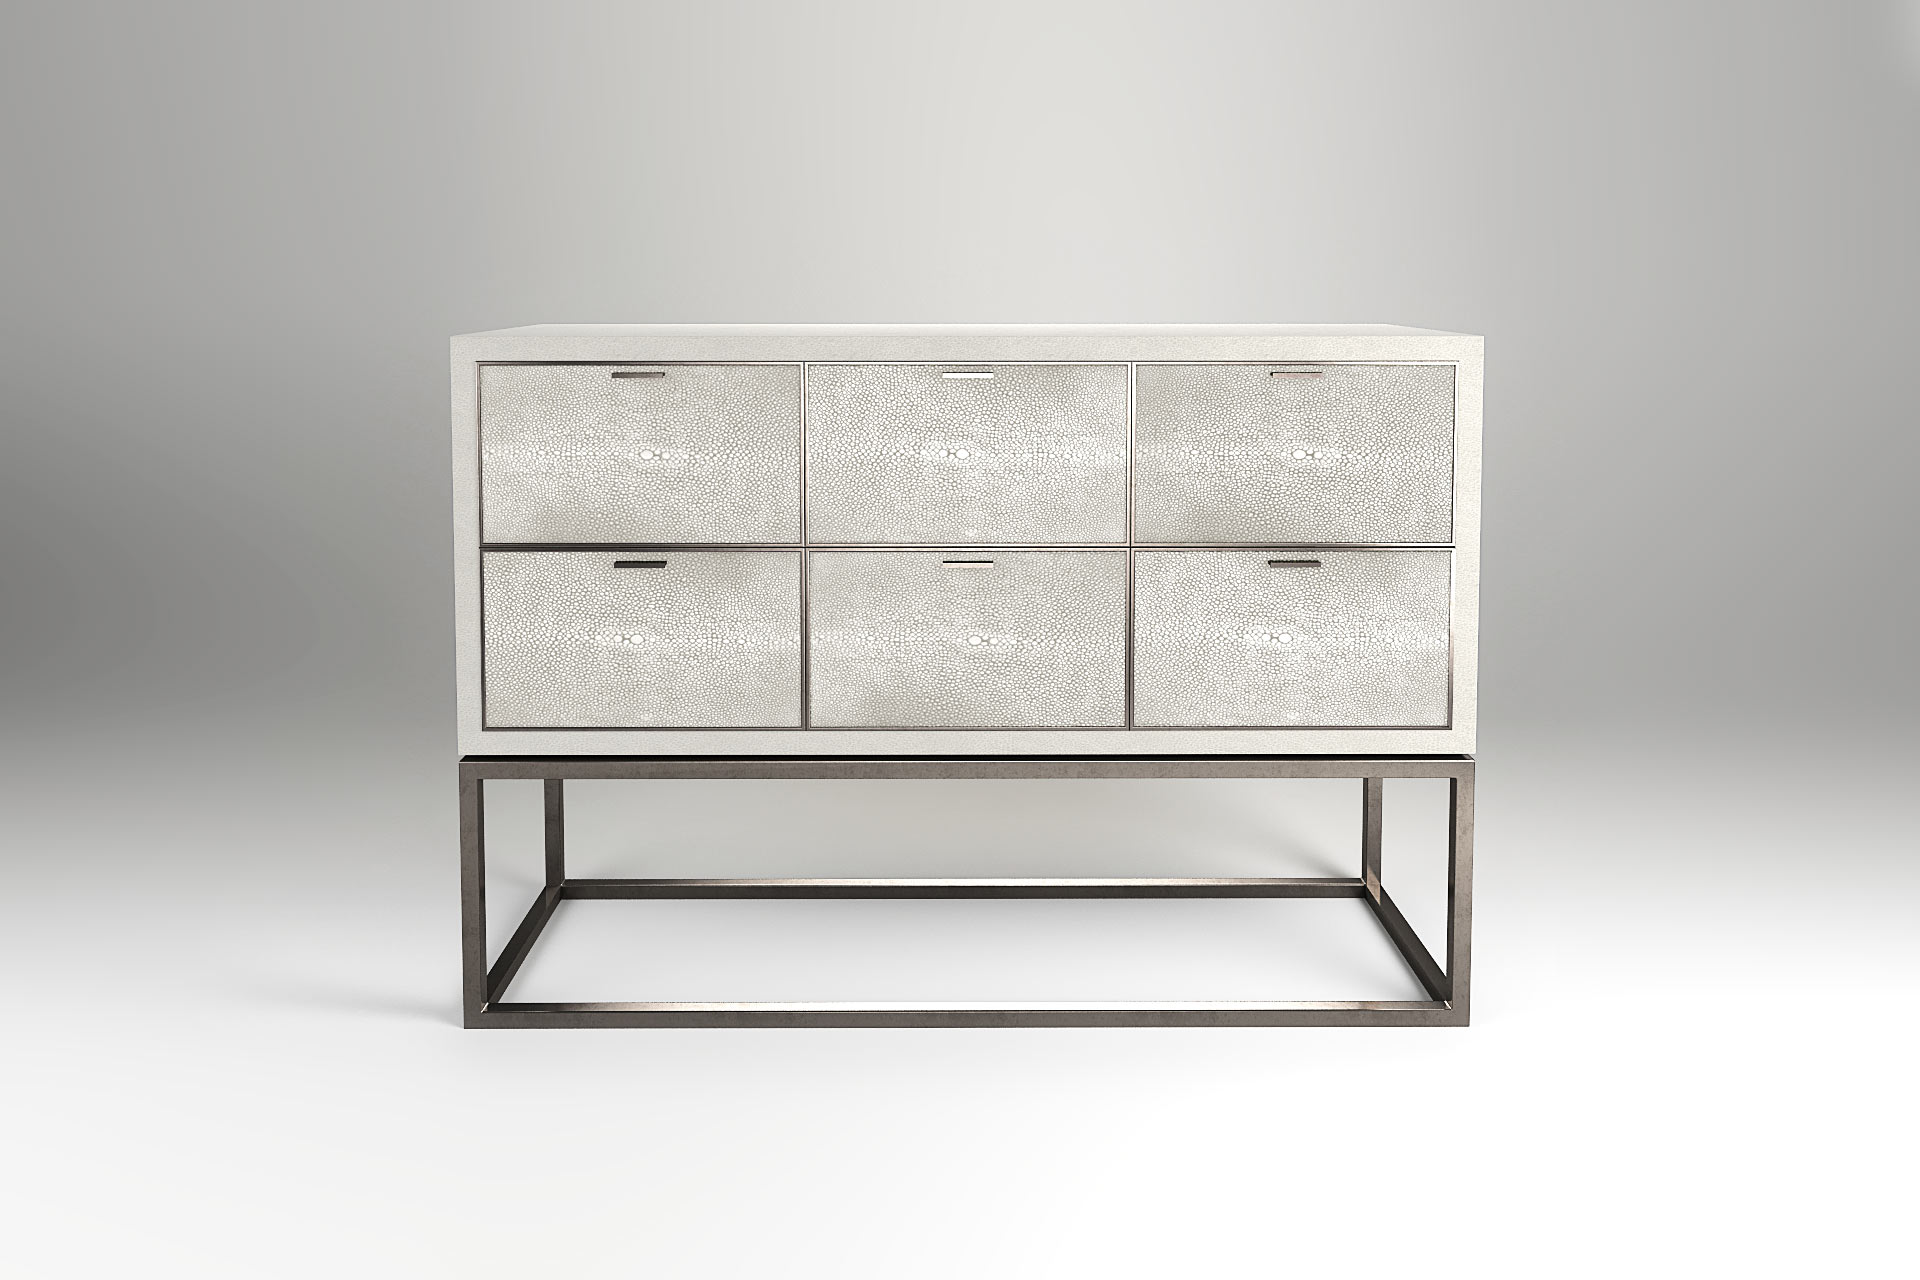 Carlisle Design Studio Furniture Design 05